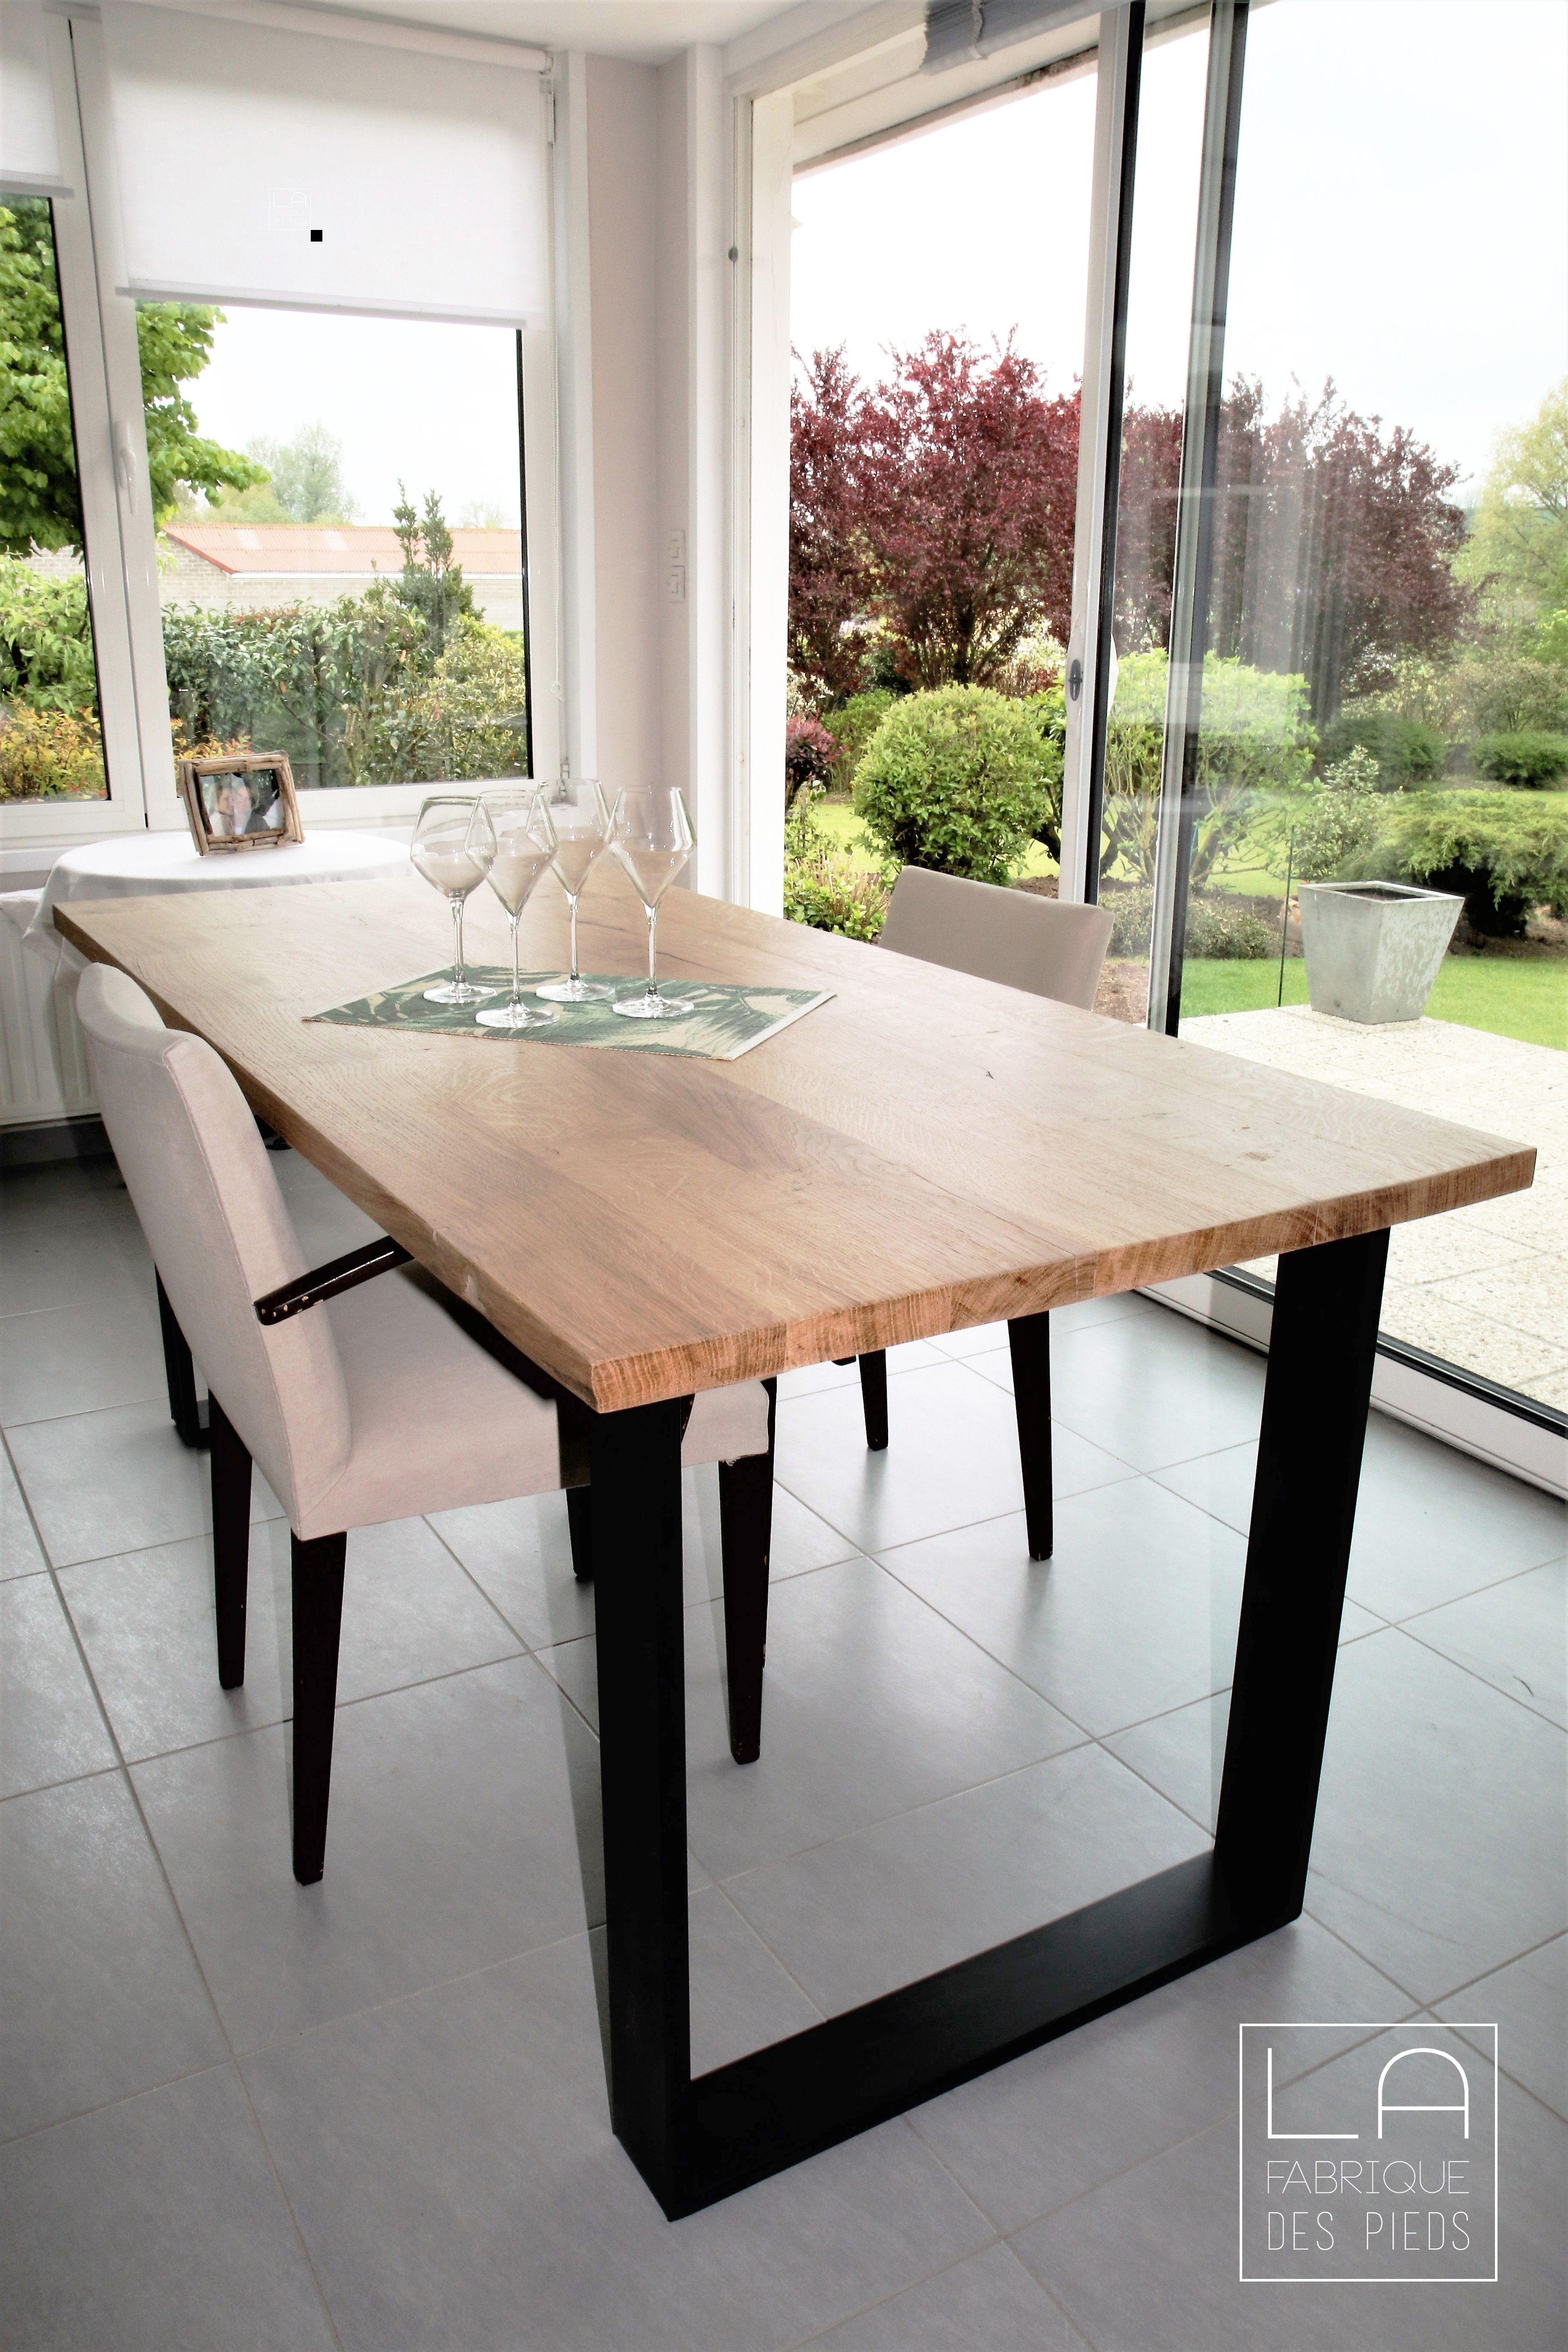 pied de table 71cm fer plat la fabrique des pieds pied de table design pieds de table deco salle a manger